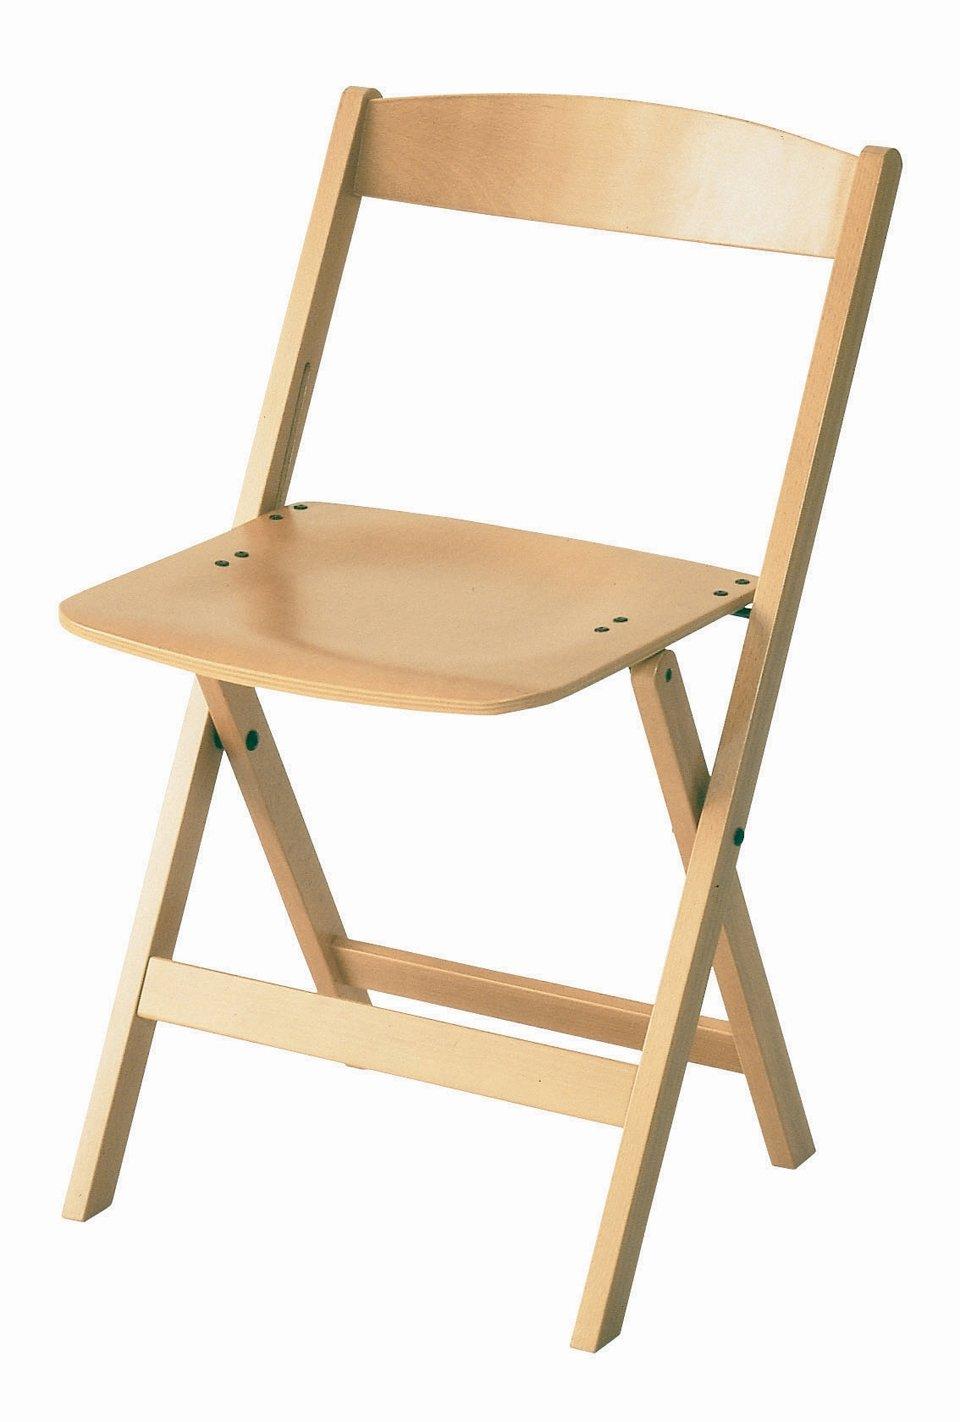 Sedie Impilabili Economiche Prezzi.Sedie Low Cost 15 Modelli A Meno Di 100 Euro Cose Di Casa